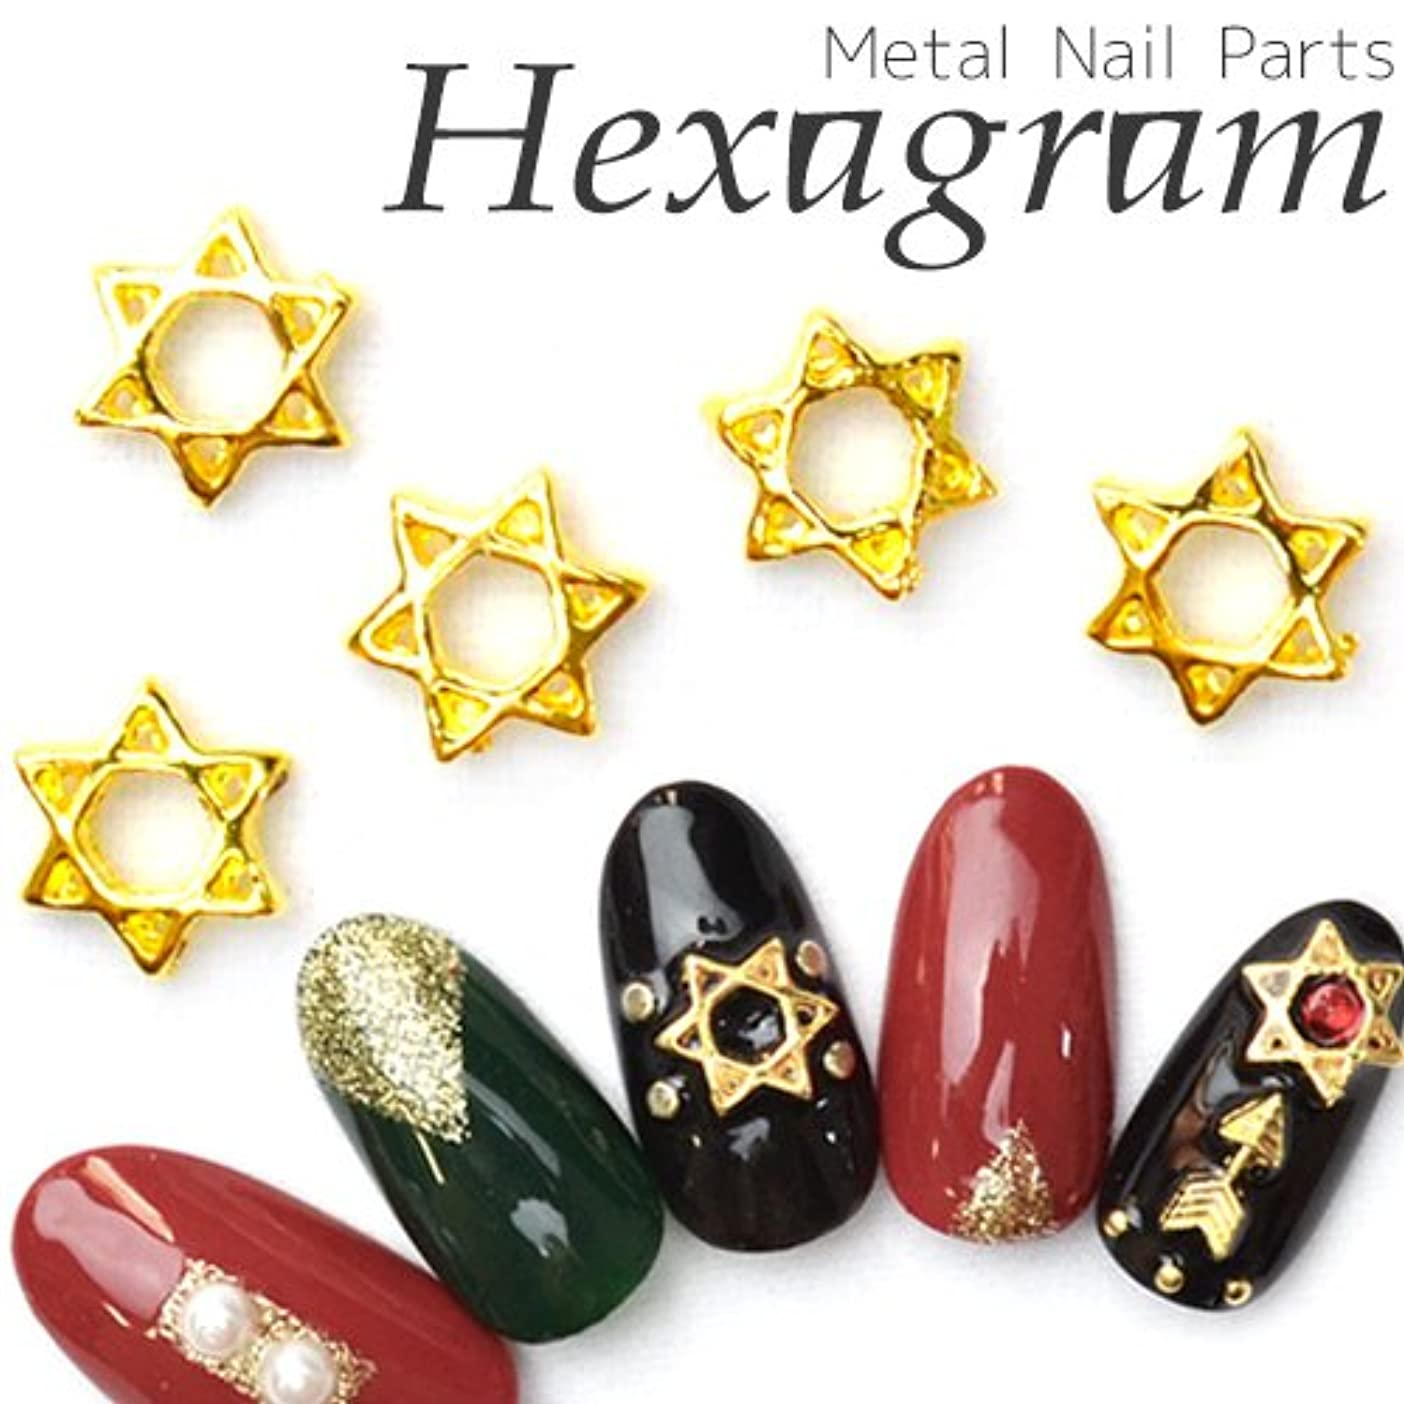 突撃かかわらず問題ヘキサグラム 星型 六芒星 [シルバー] 5個入 スタッズ ジェルネイル